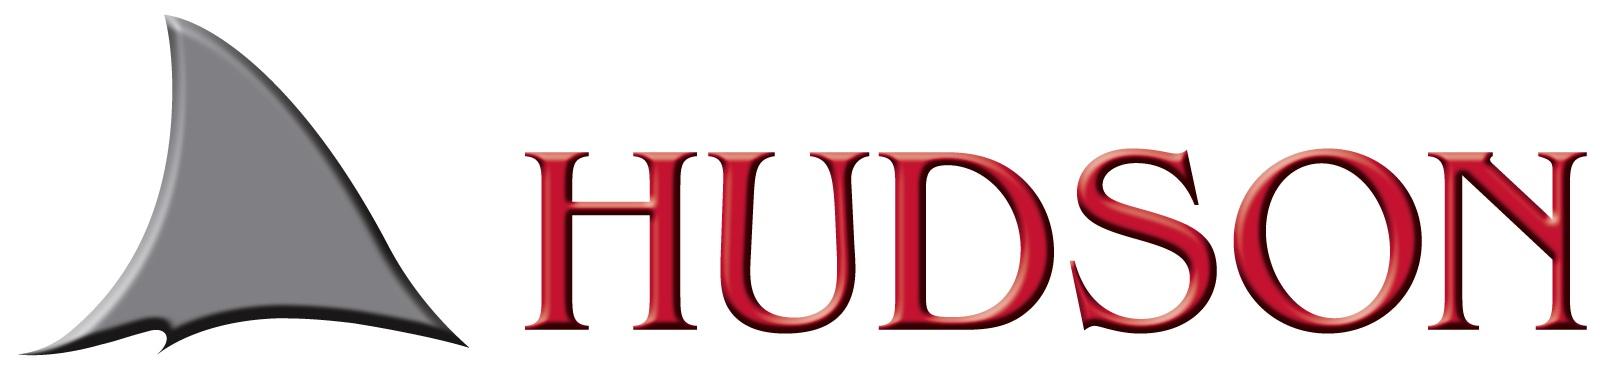 hudson 3